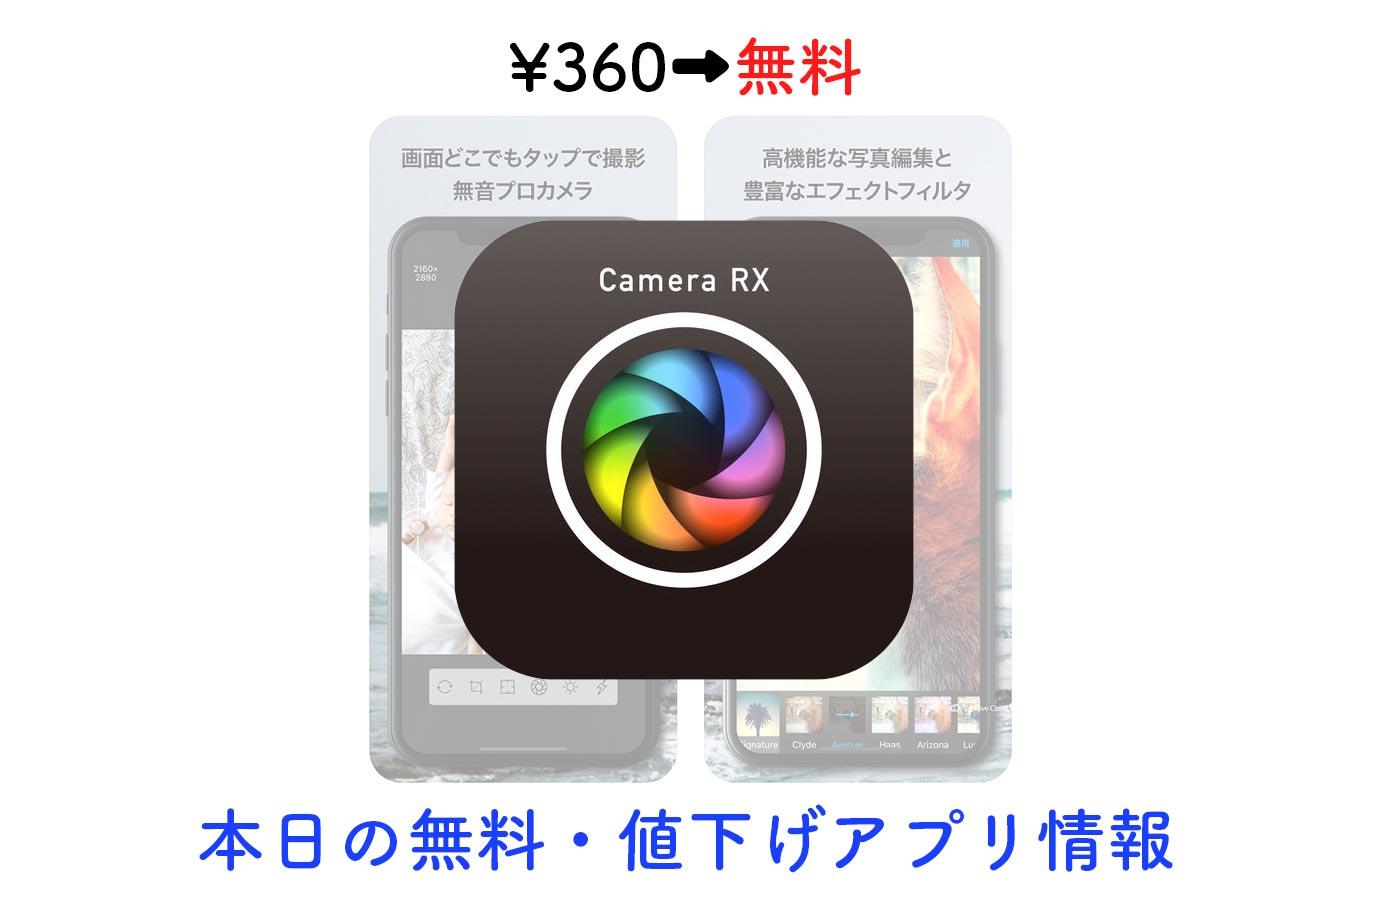 ¥360→無料、被写体深度マップやRAWにも対応の高機能マニュアルカメラ「Camera RX」など【1/25】本日の無料・値下げアプリ情報